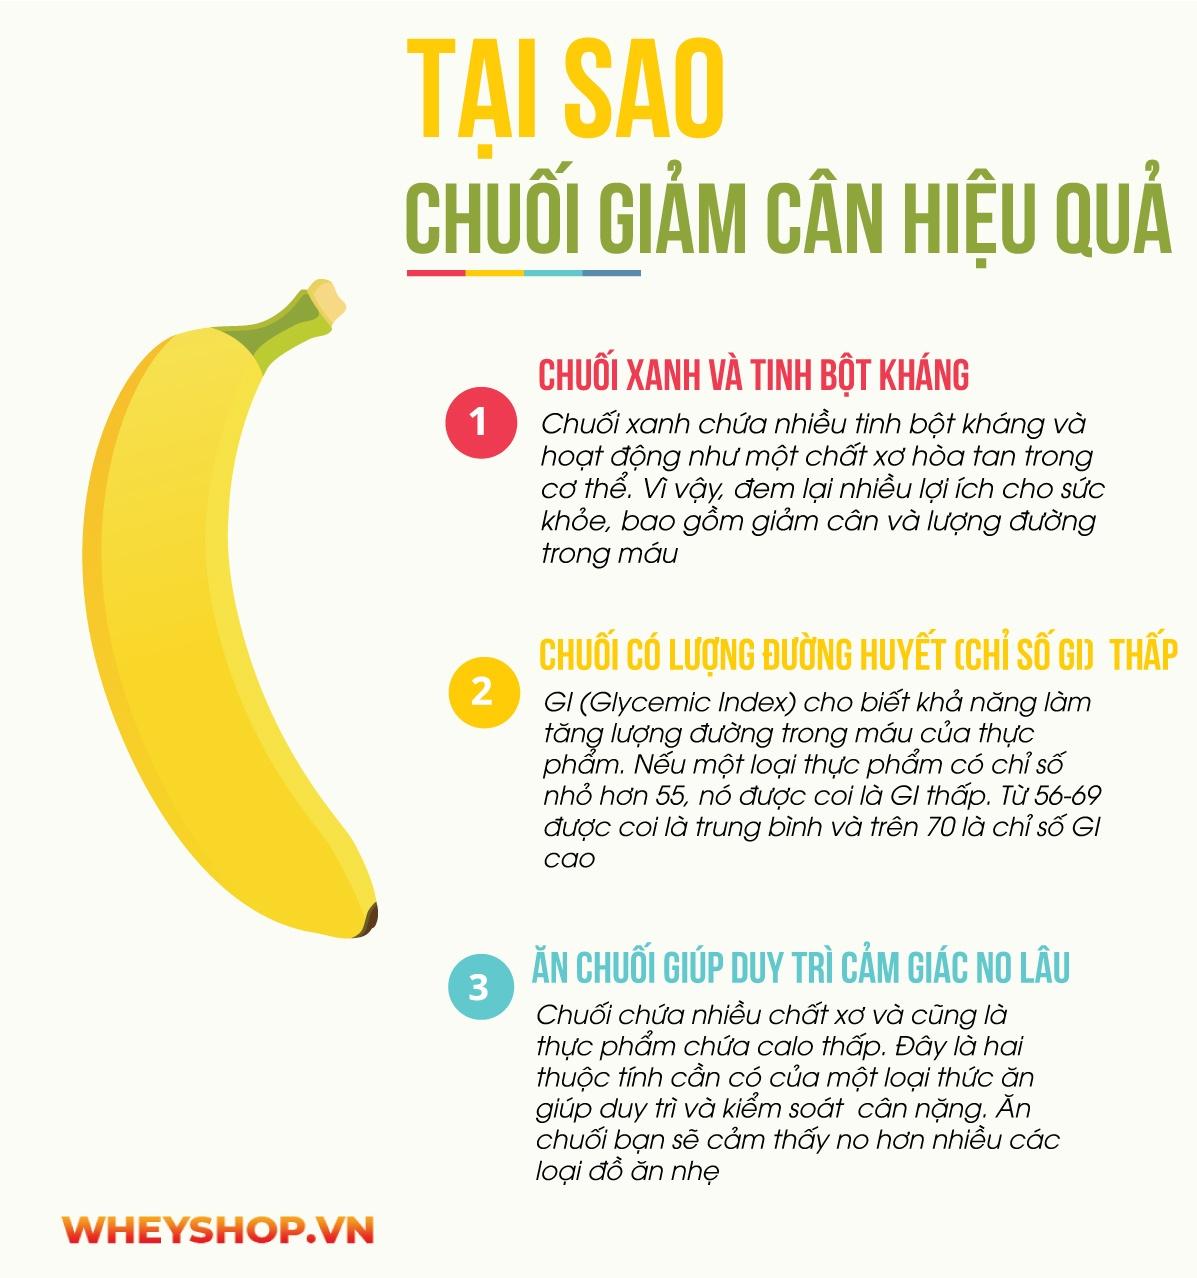 Nhiều người lo lắng về việc ăn chuối có béo không thì bài viết này WheyShop sẽ cùng bạn trả lời ăn chuối có béo không và nên ăn chuối nào...